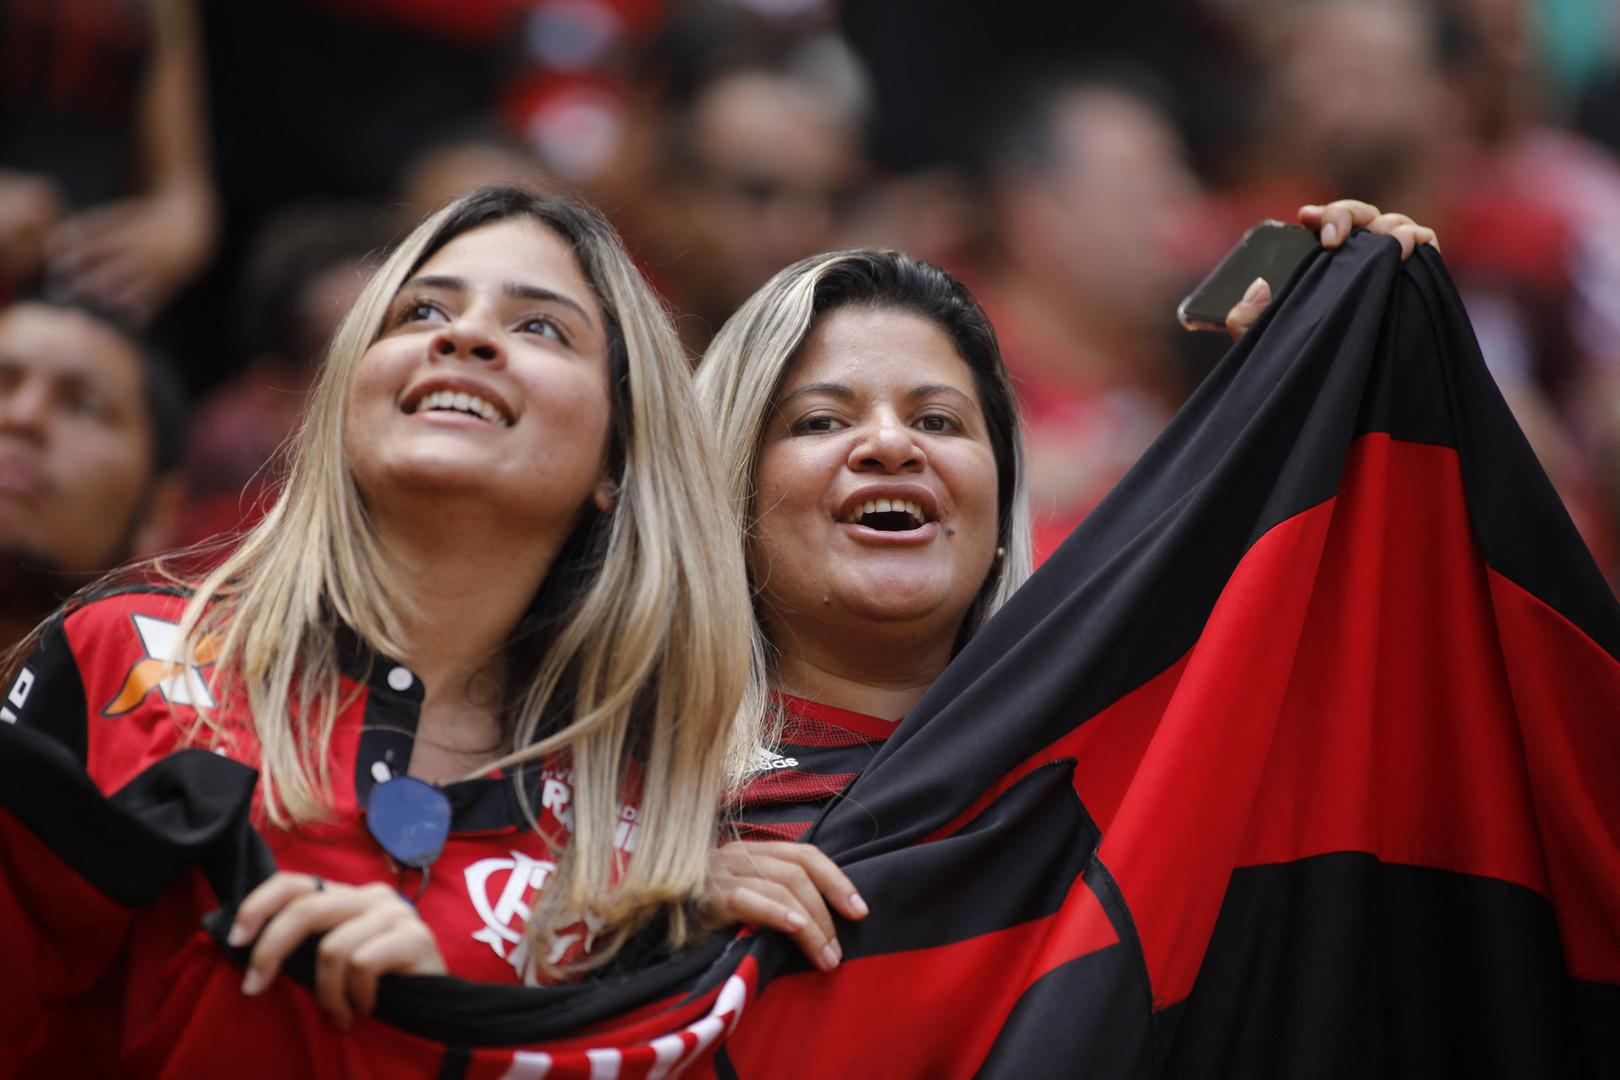 ناد برازيلي يخطط لشراء تطعيم فيروس كورونا للاعبيه وجماهيره